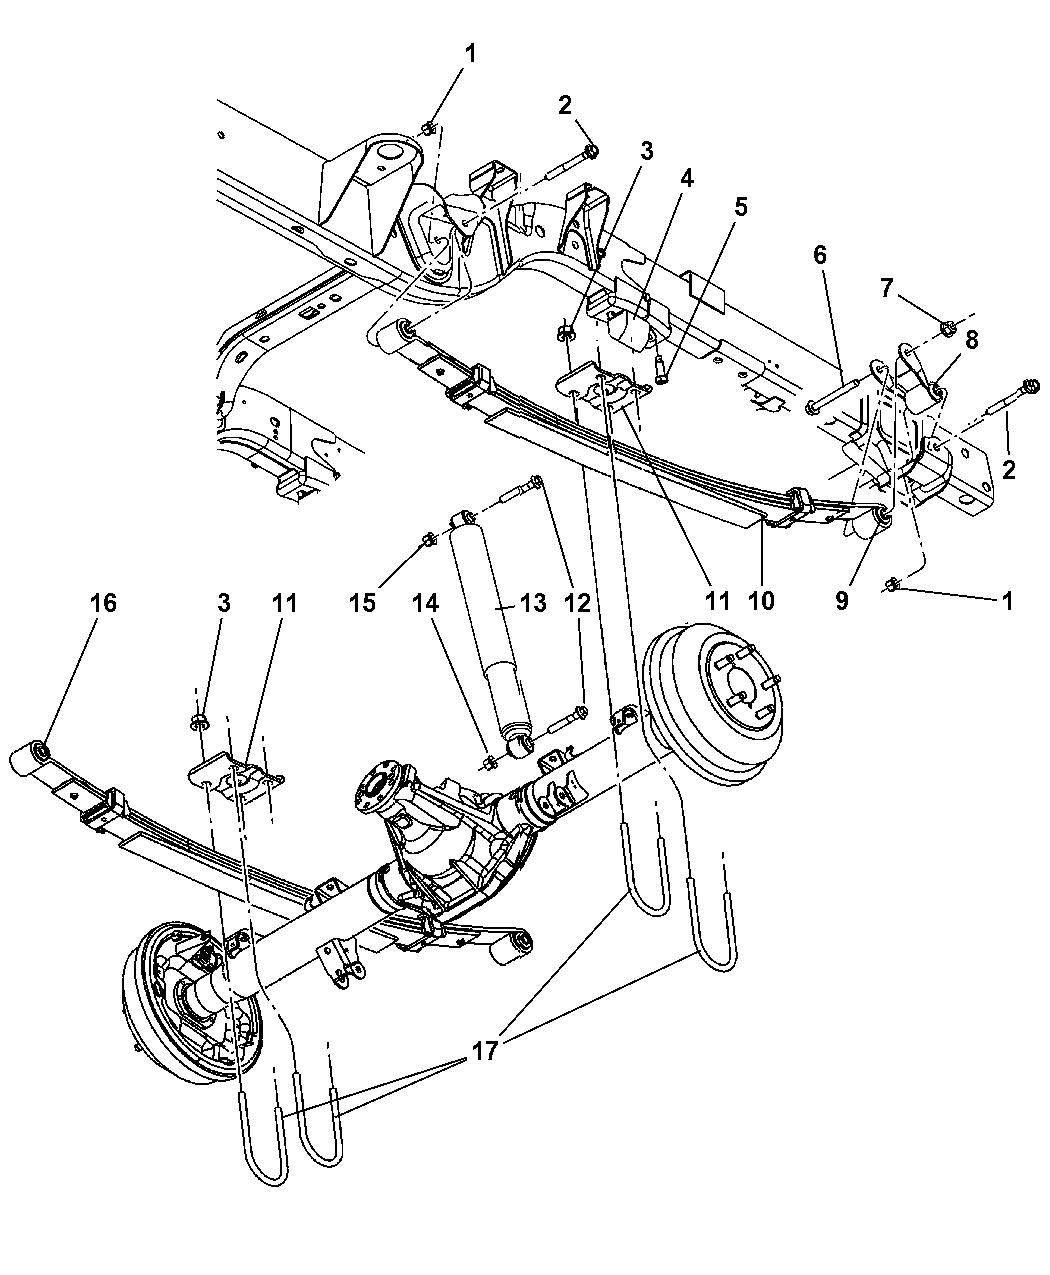 2006 dodge dakota front suspension diagram 98 dodge dakota front suspension diagram